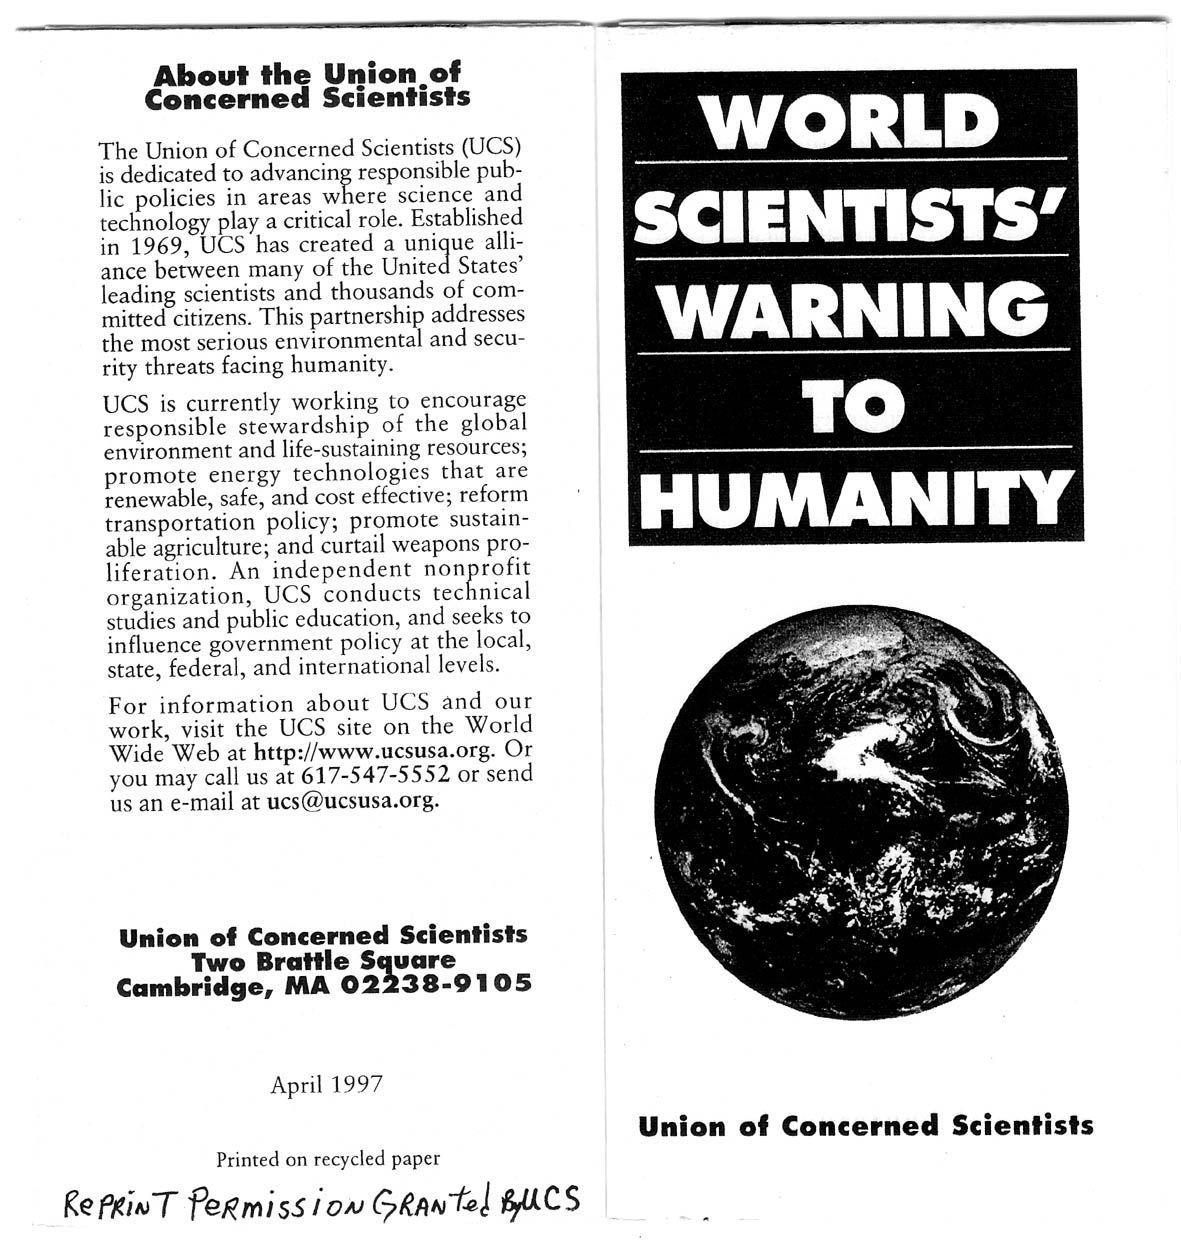 Una advertencia de los científicos del mundo a la humanidad, 1992